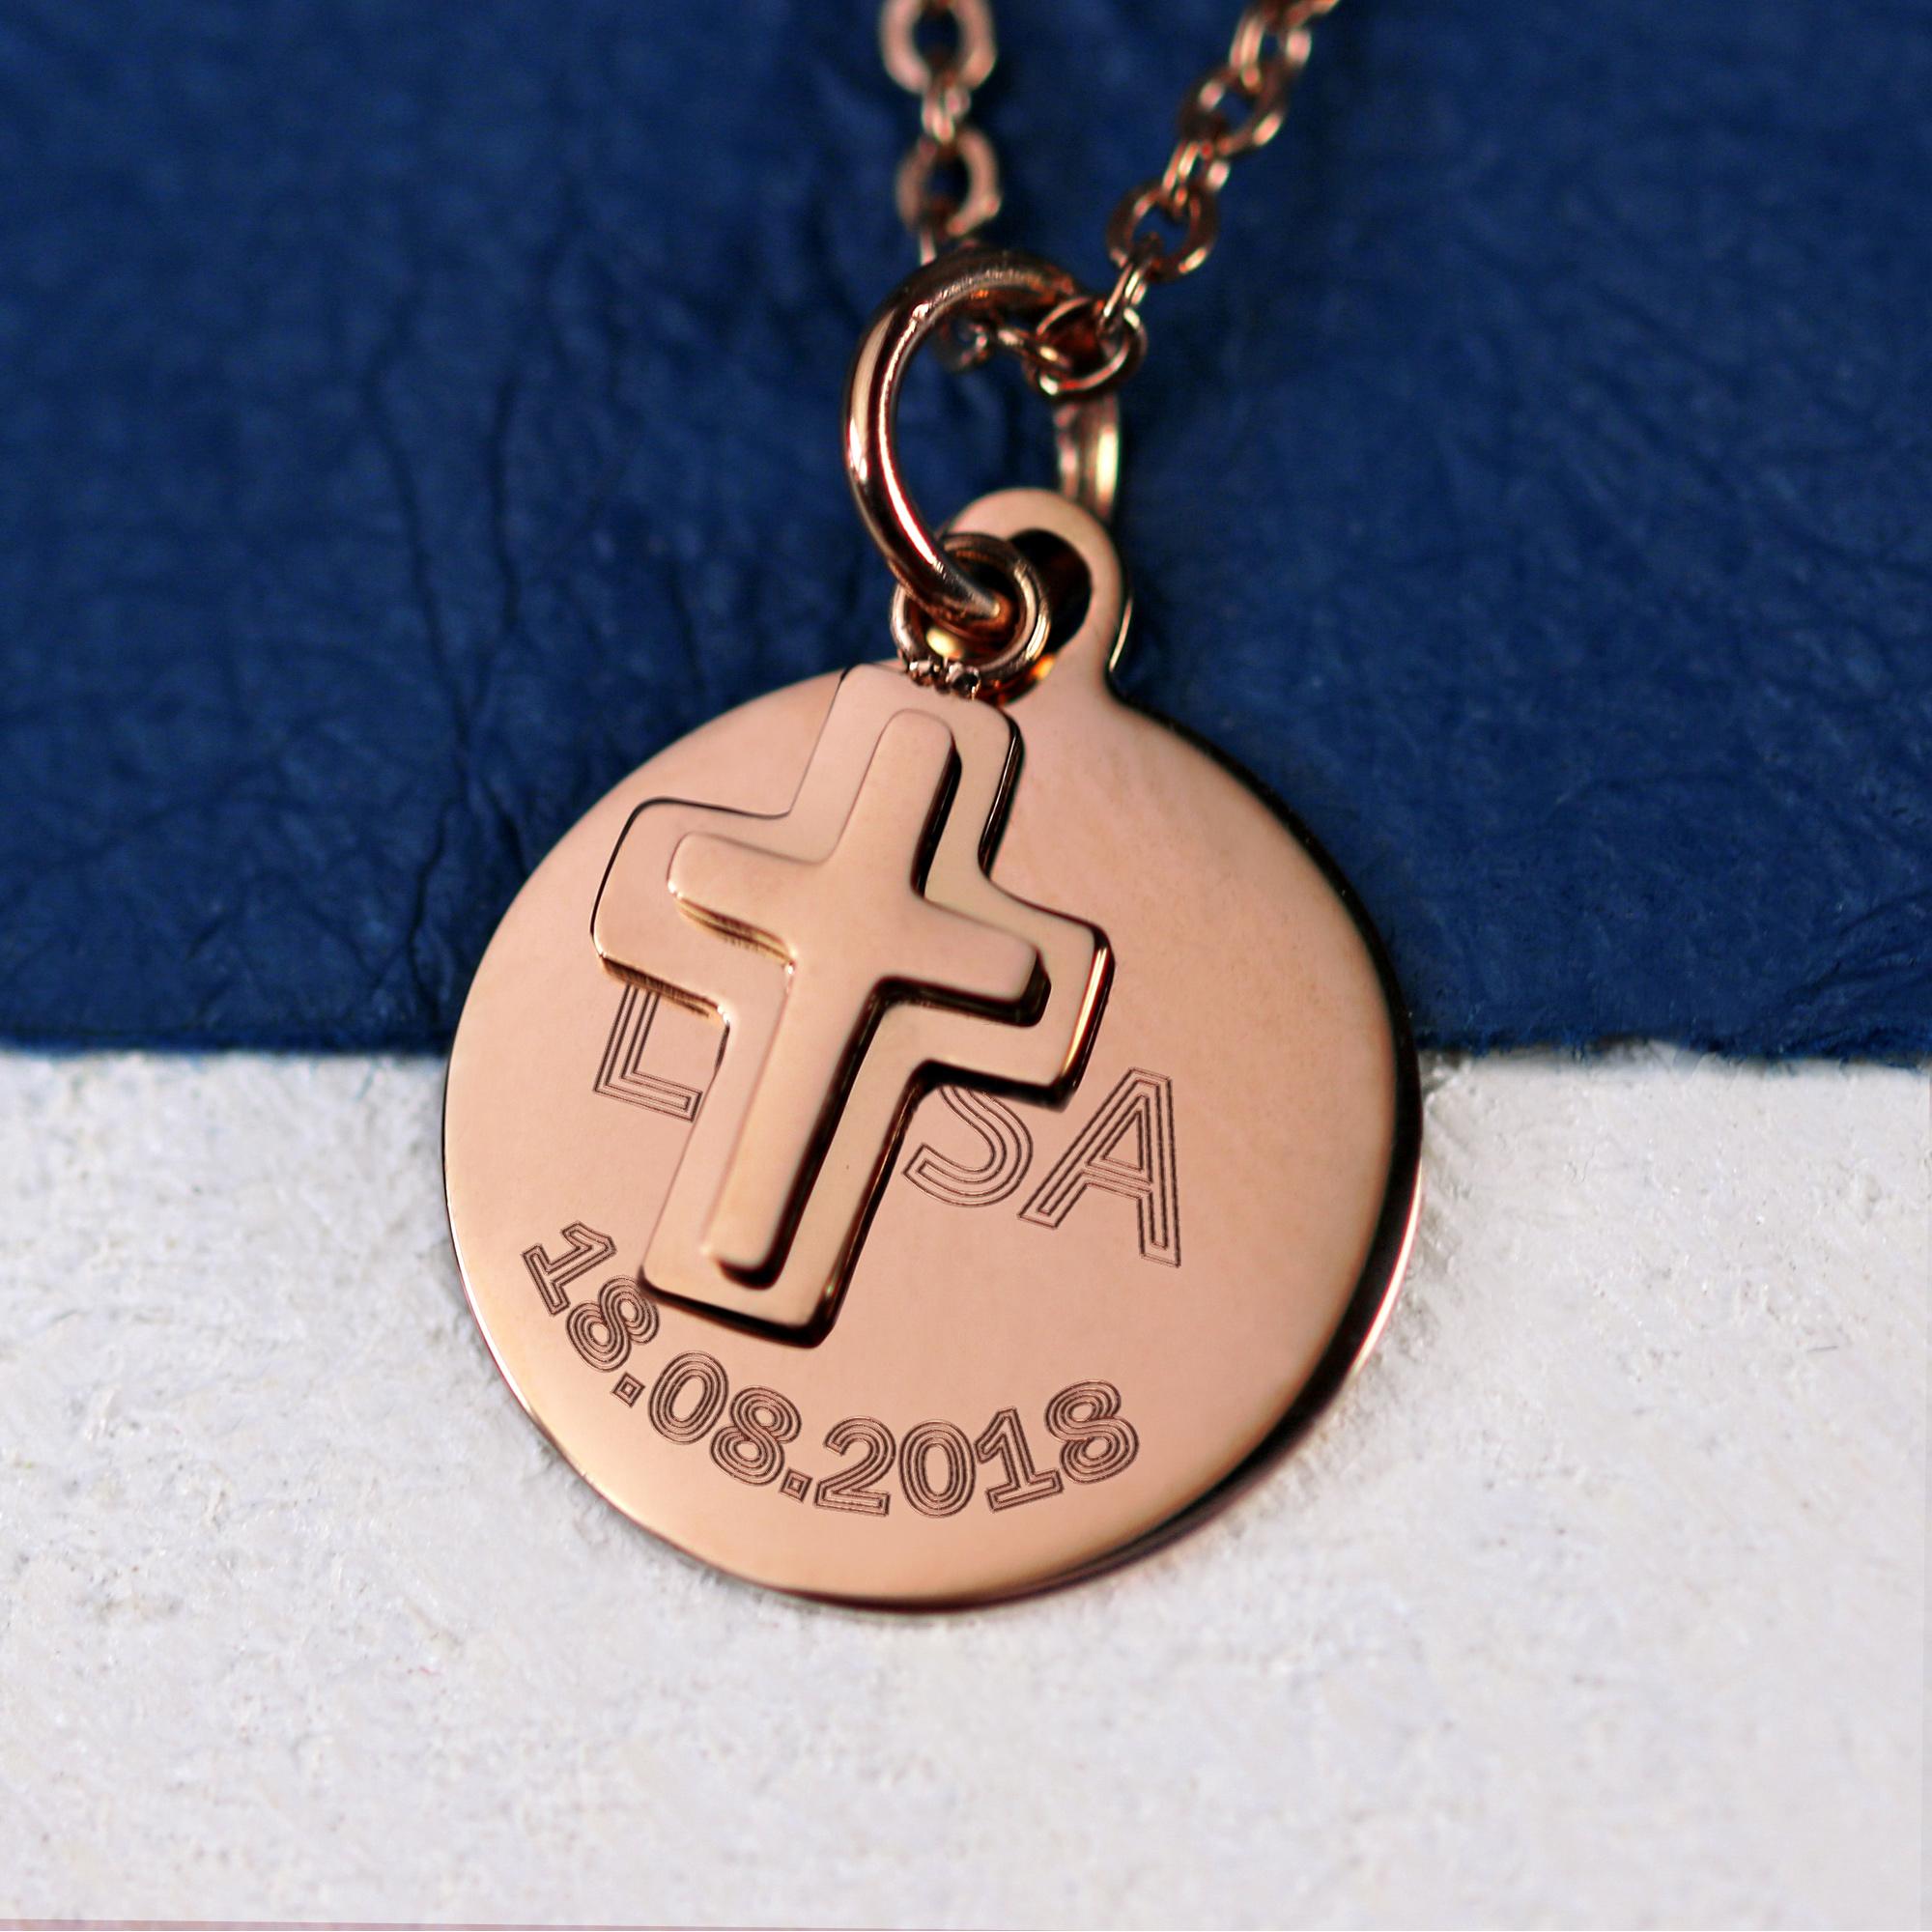 Halskette mit Gravur - Kreuz Anhänger - Farbe Rose - Personalisiert